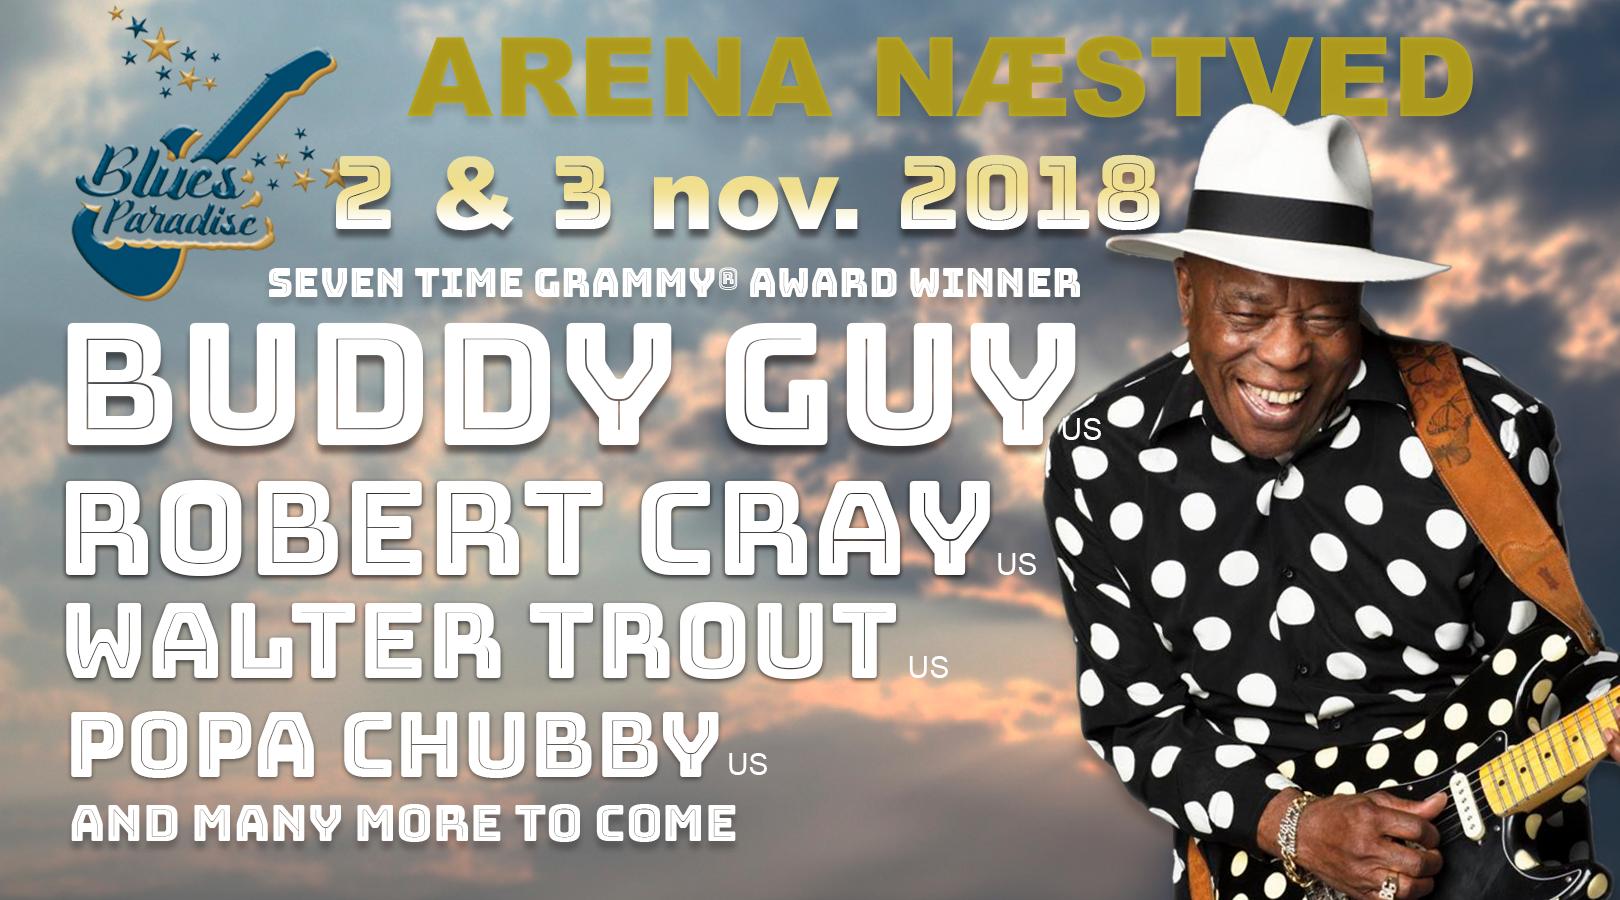 image of banner advertising a blues festival called Blues Paradise at Arena Naestved, near Copenhagen, Denmark on November 2nd & 3rd 2018